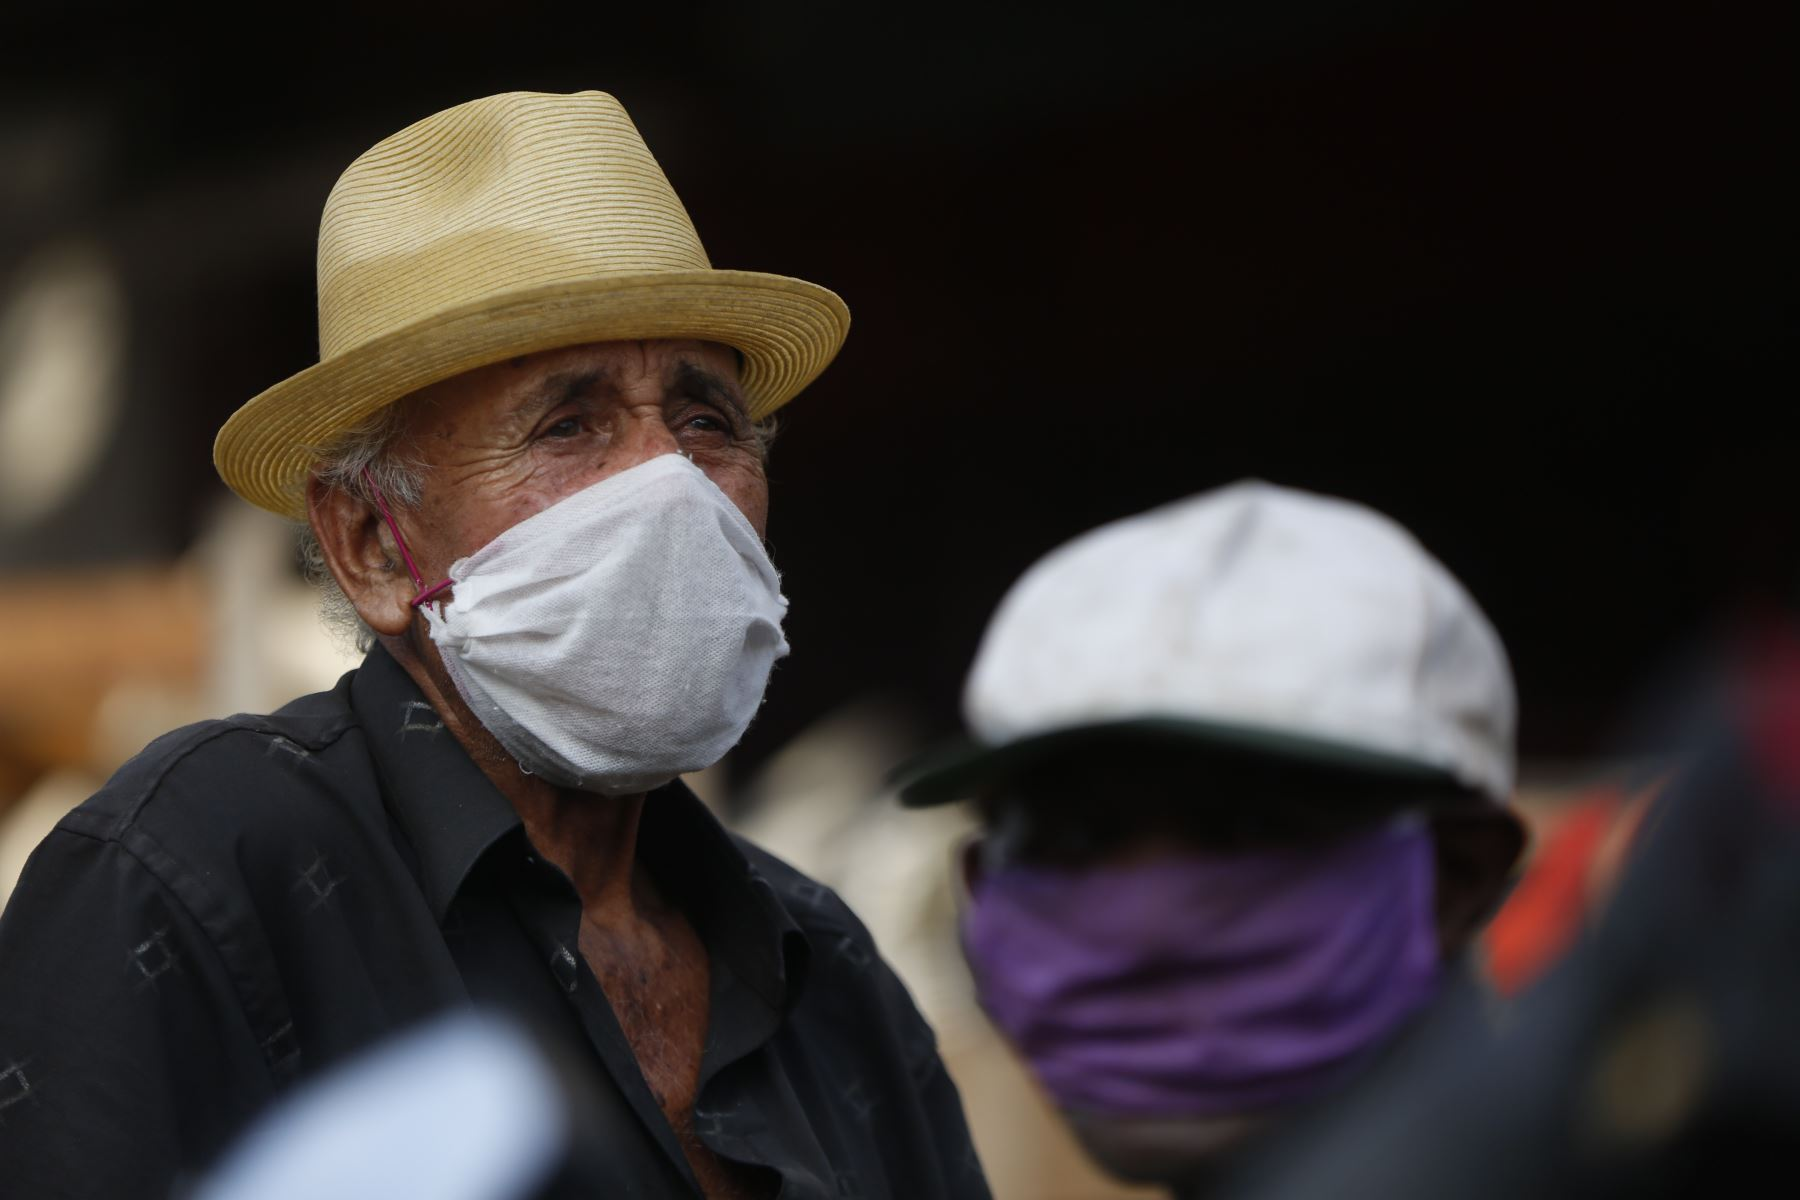 El Gobierno colombiano decretó que para proteger a las personas mayores de 70 años estos deben permanecer confinados en sus hogares hasta el 31 de agosto. Foto: EFE